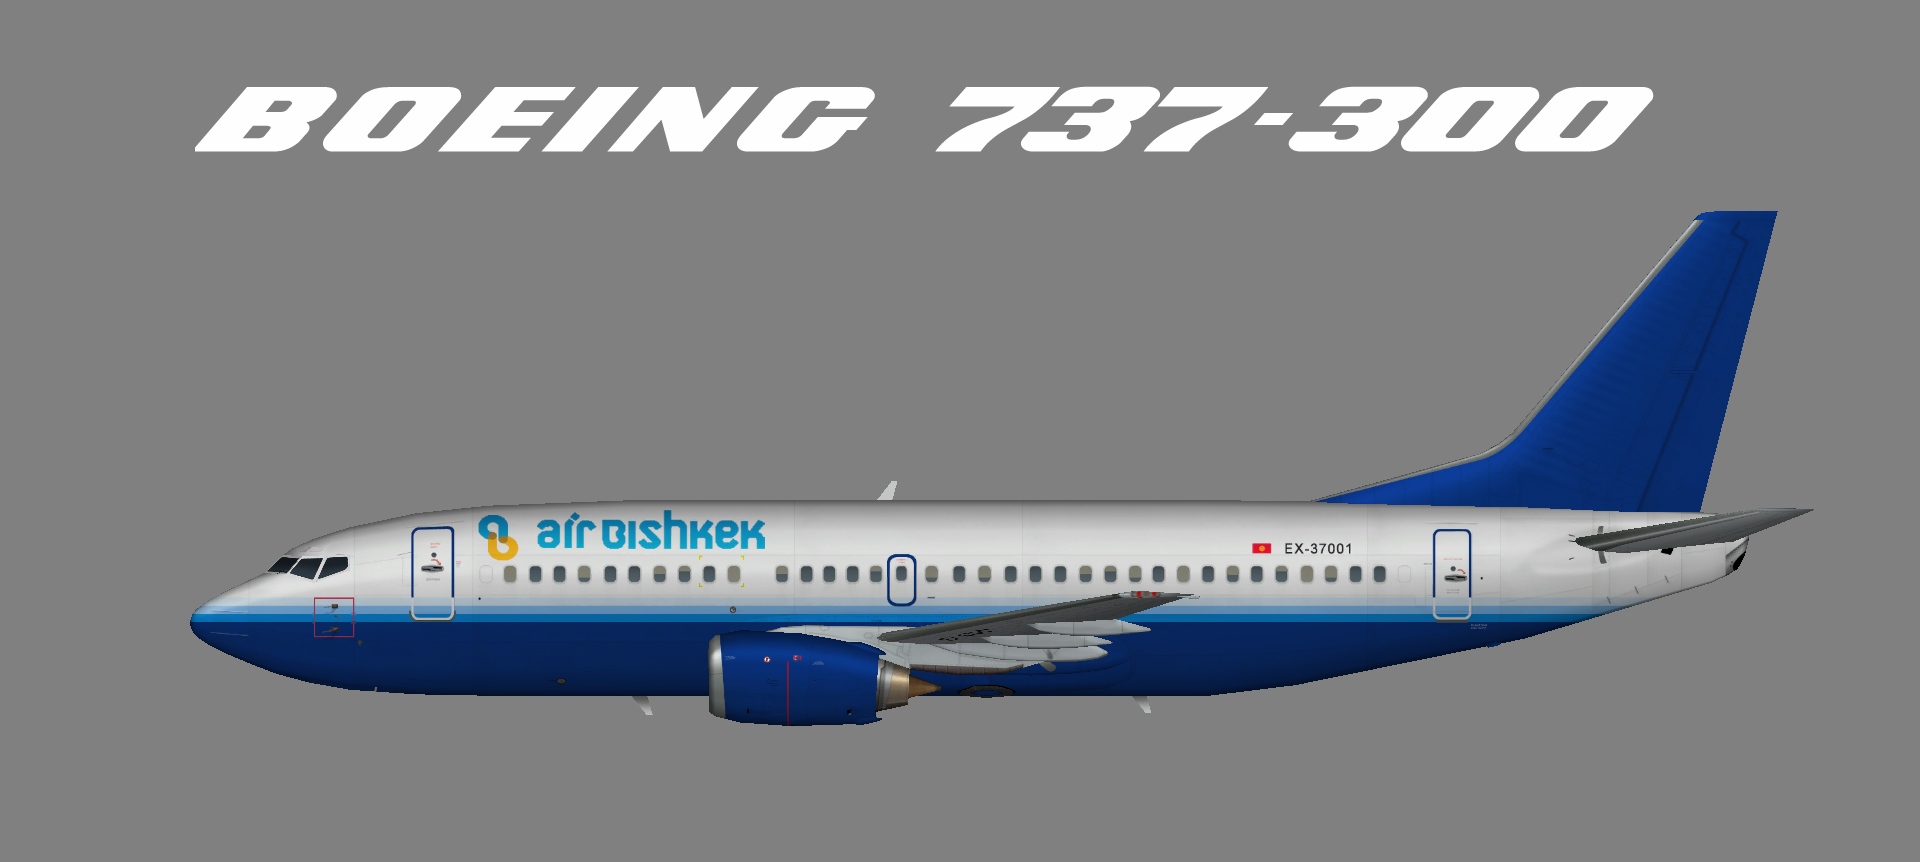 Air Bishkek 737-300